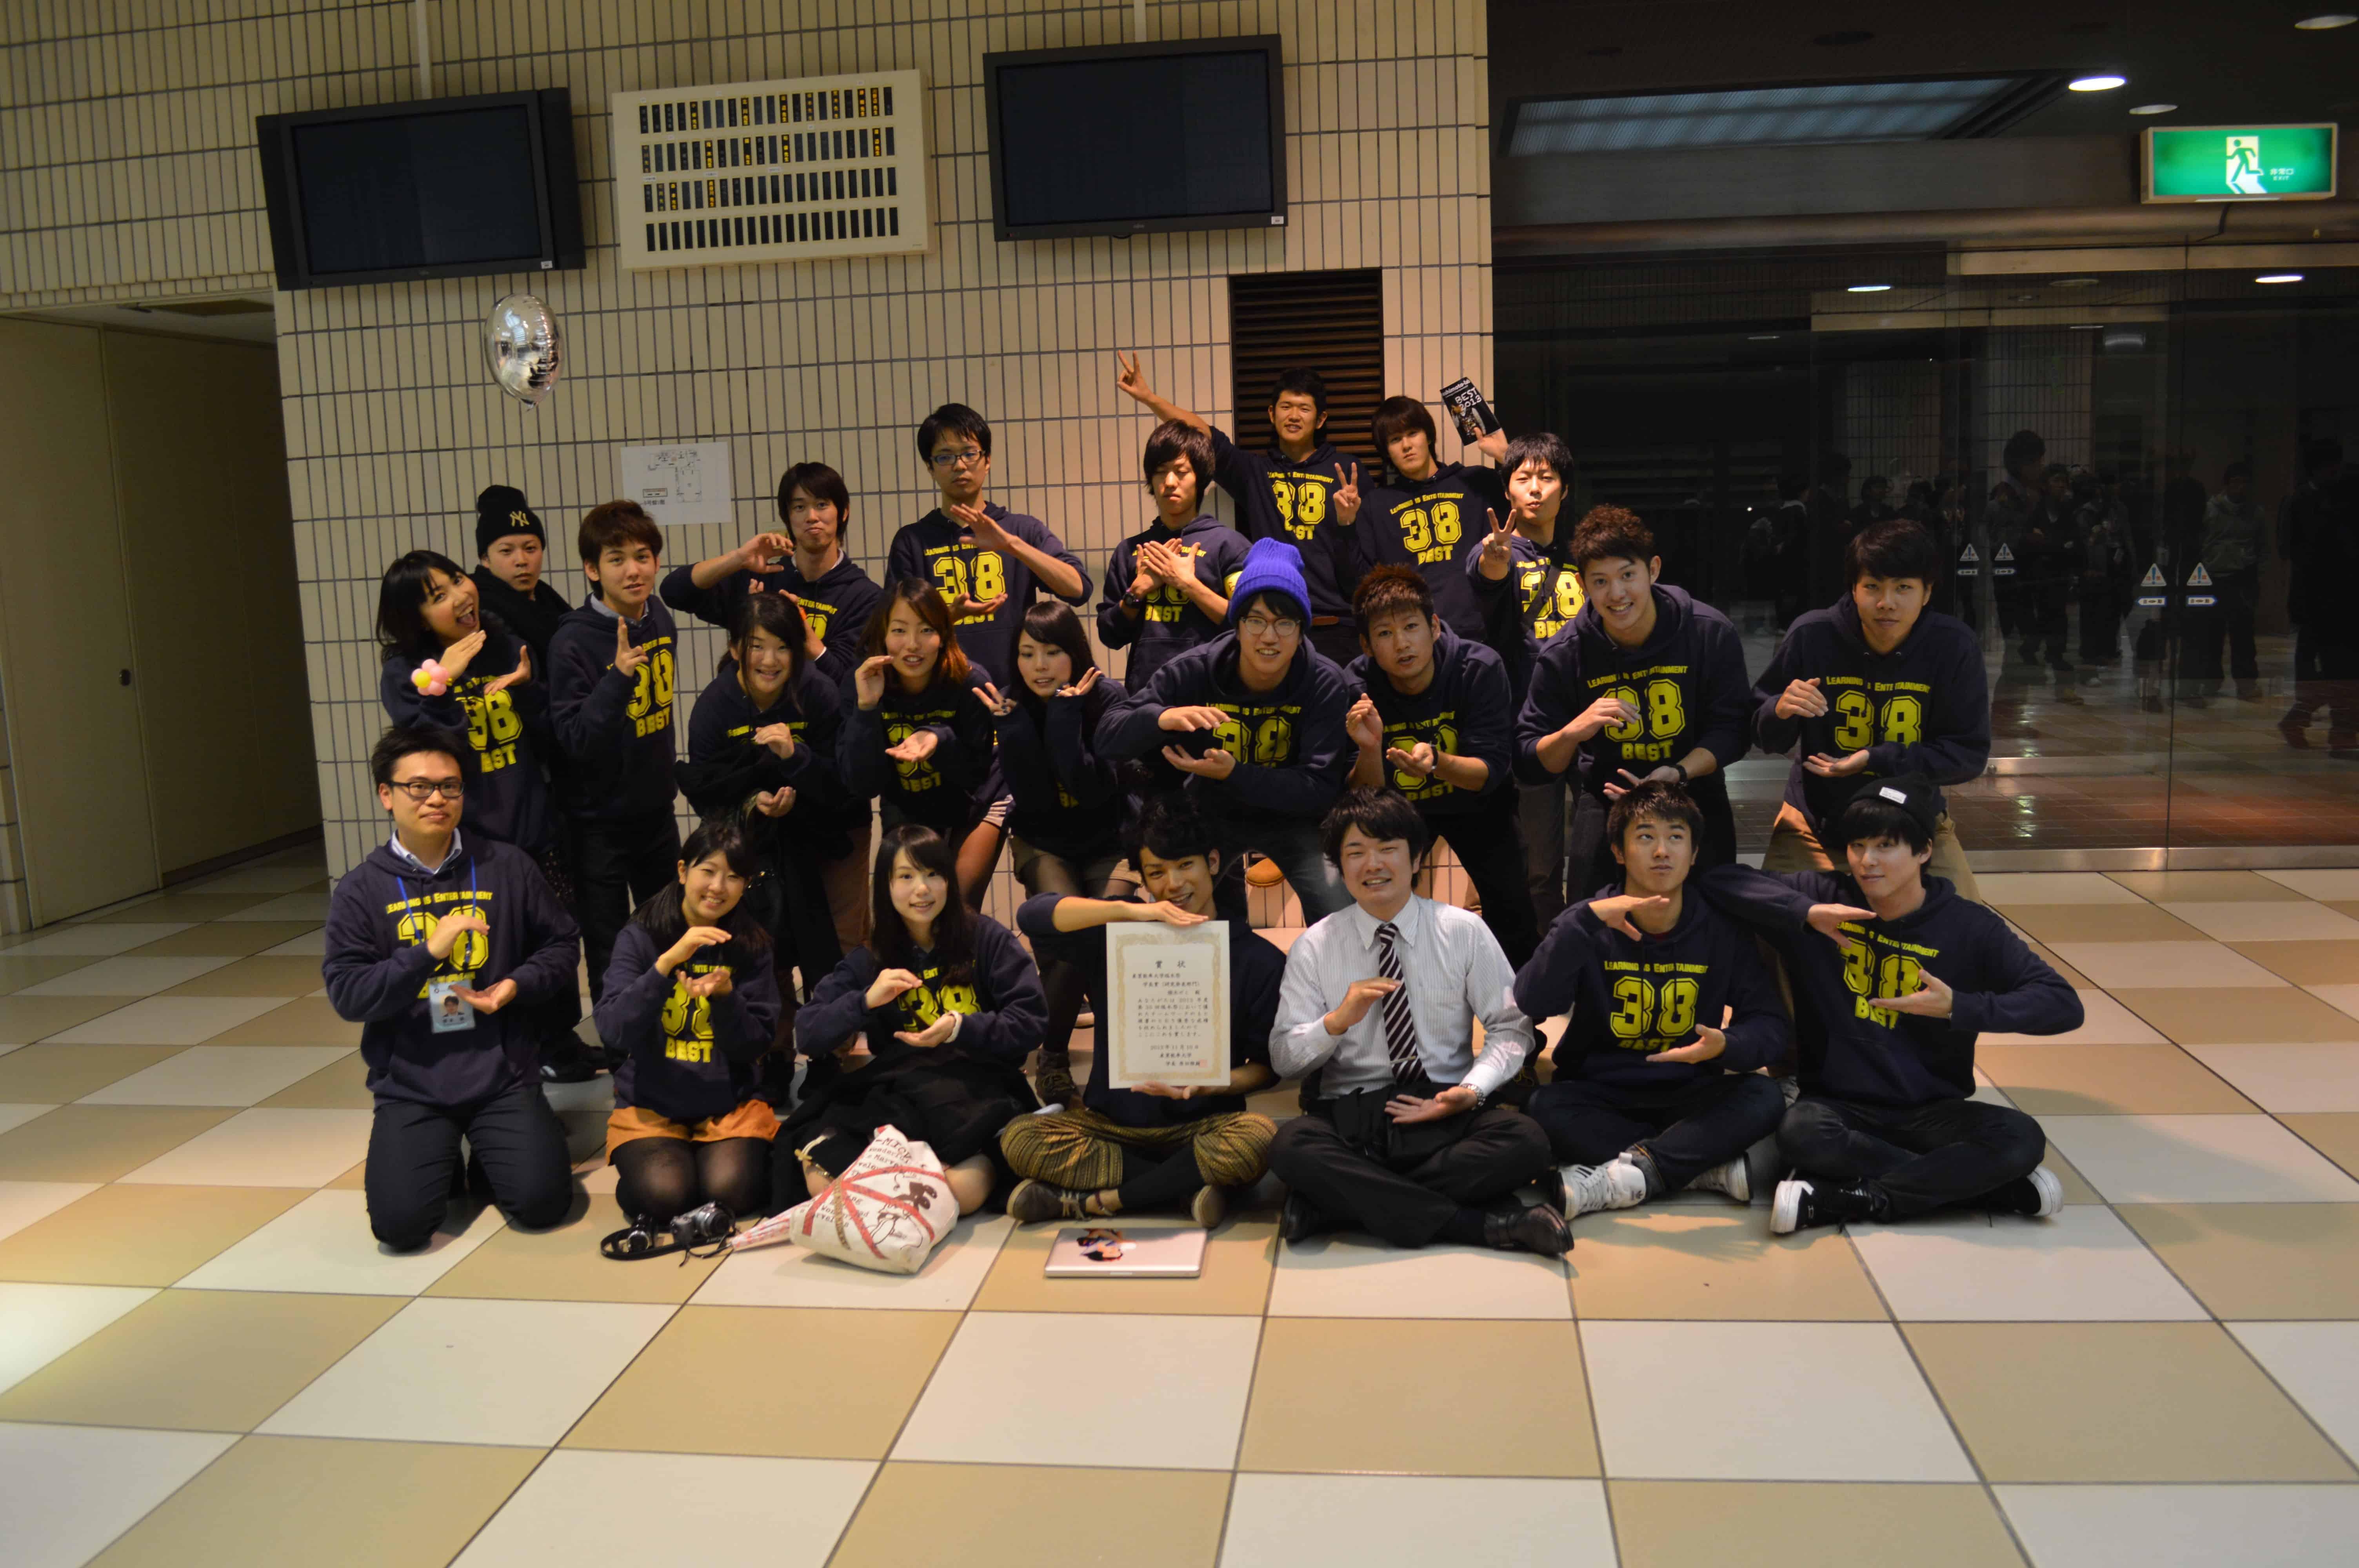 DSC 0317 - 橋本ゼミ合宿企画第2回100均ワークショップ 案内状